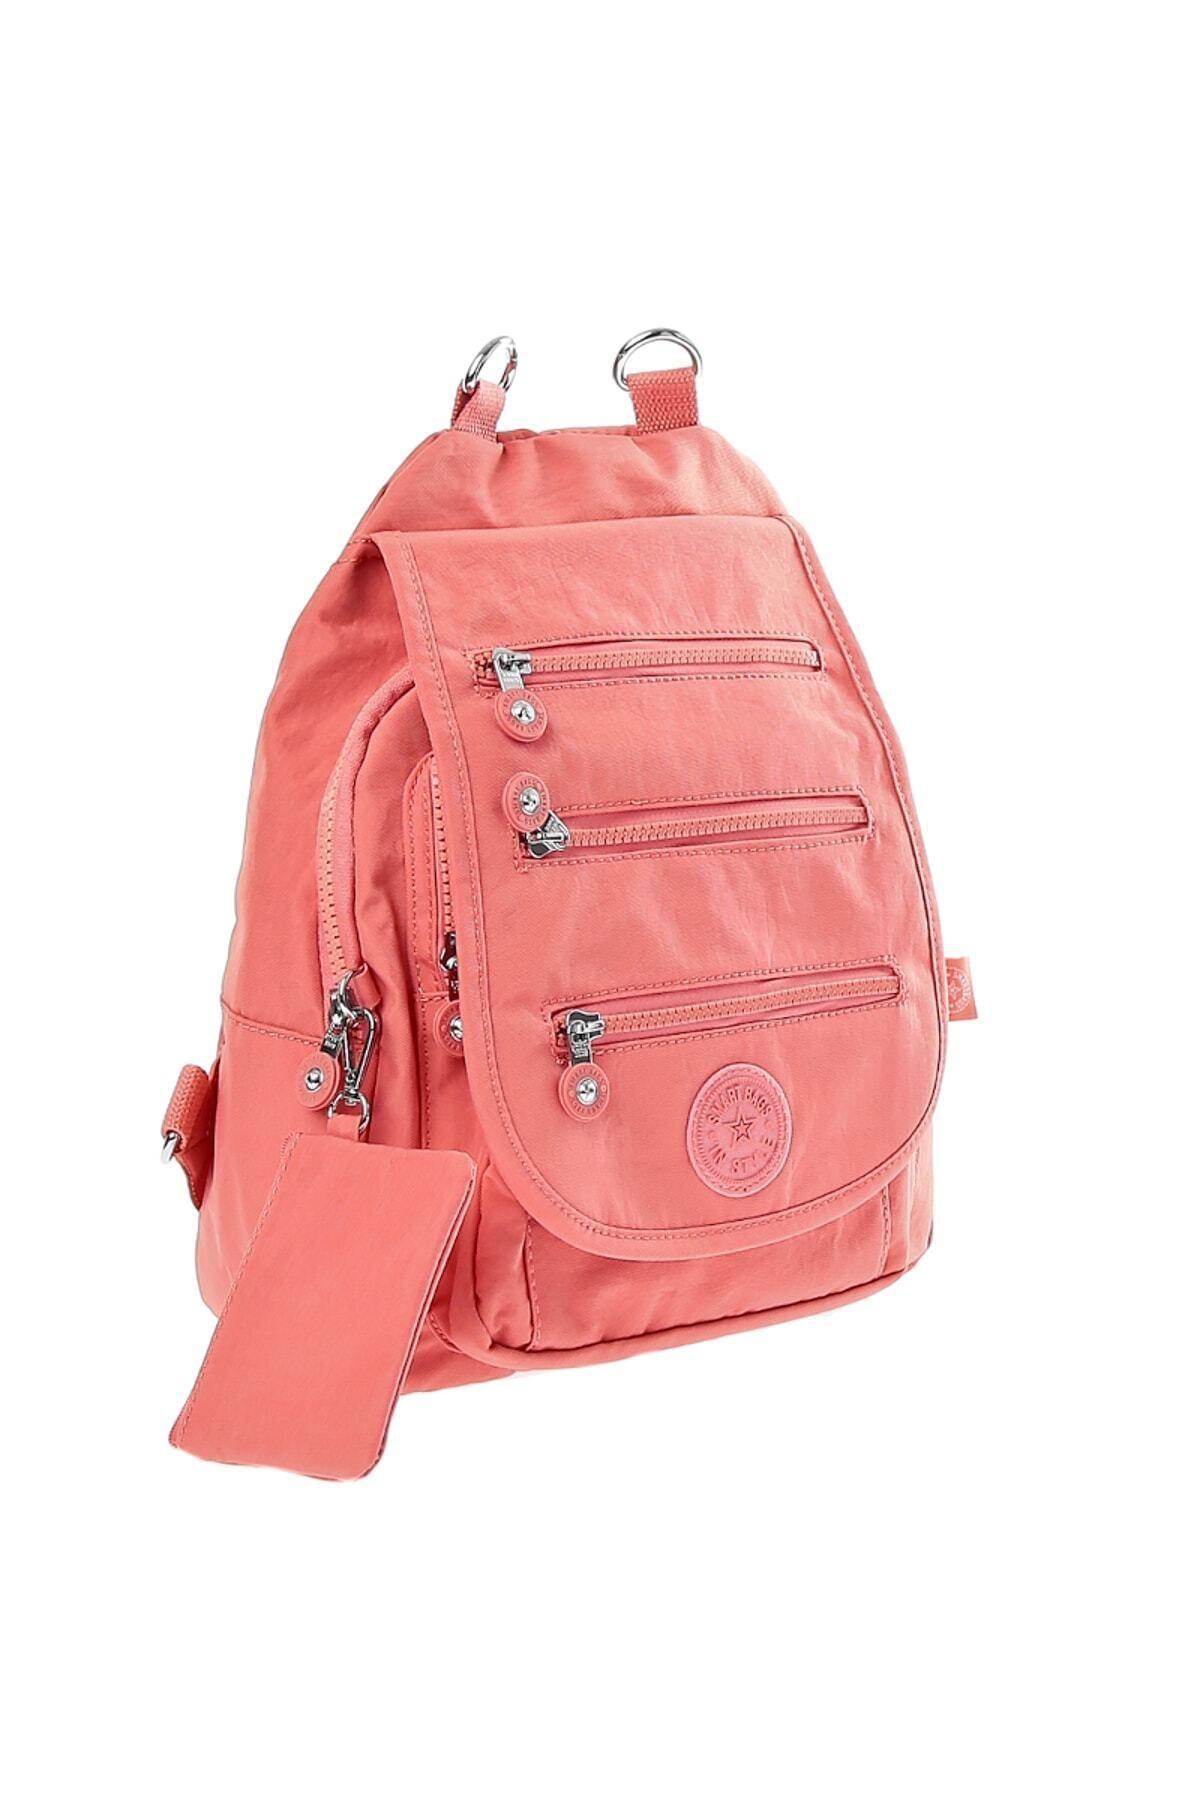 SMART BAGS Kadın Somon Çanta 2